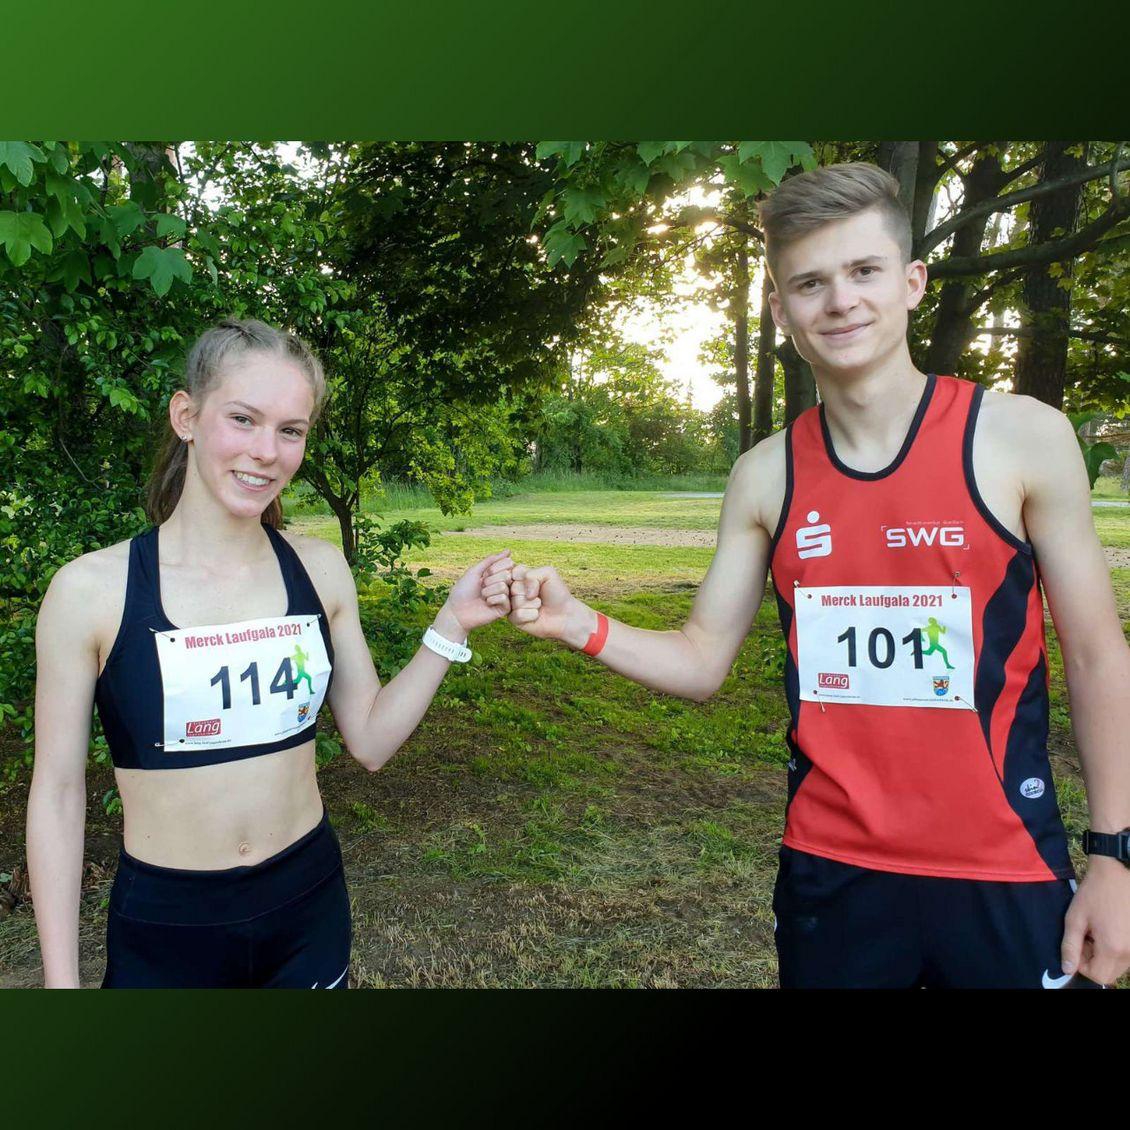 Jana Becker verbessert eigenen Hessenrekord